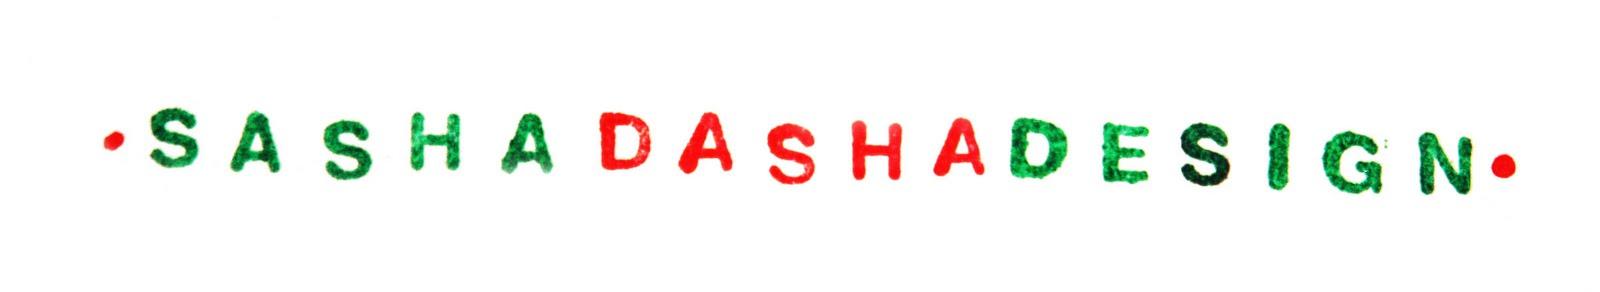 SashaDasha_Design